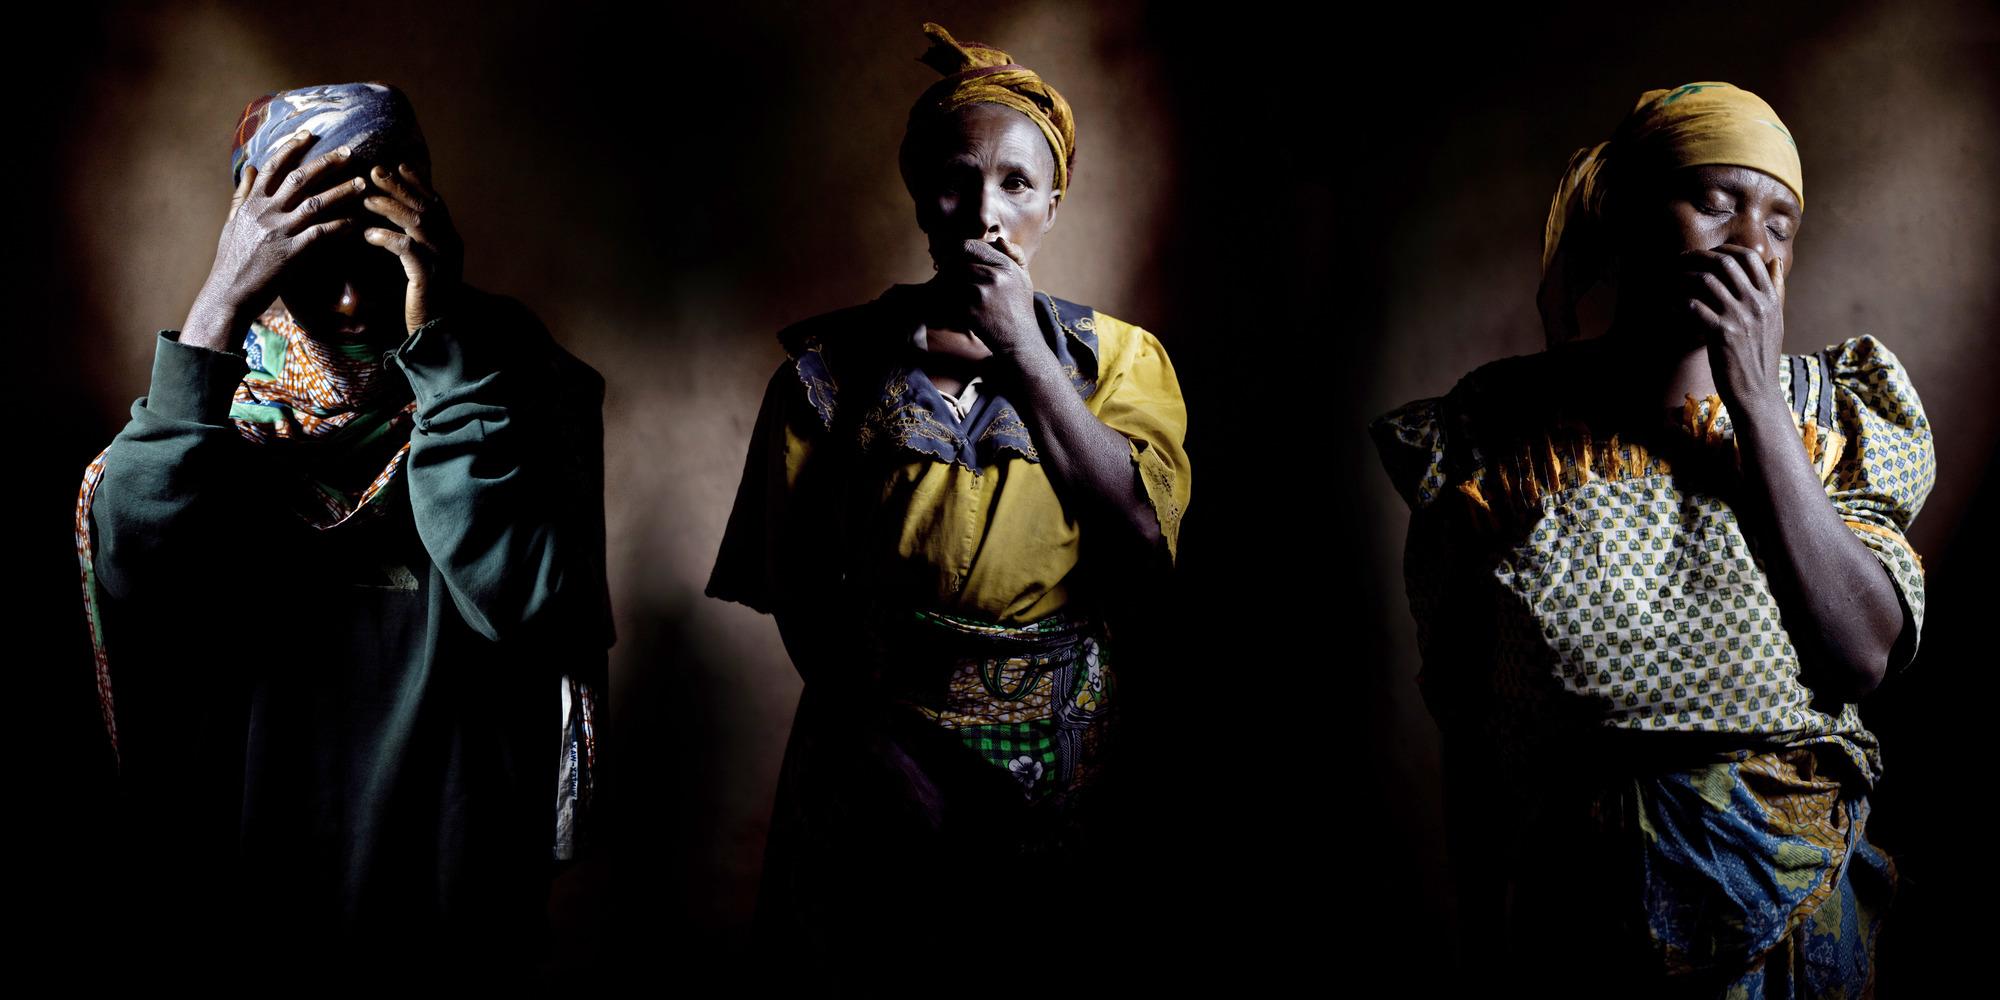 Fin 2011, Kwinanika Ngerina, Abiya Gil et Nakambululo Torina ont été violées par plusieurs miliciens. «Il faut rendre justice à ces femmes», insiste Mukwege.